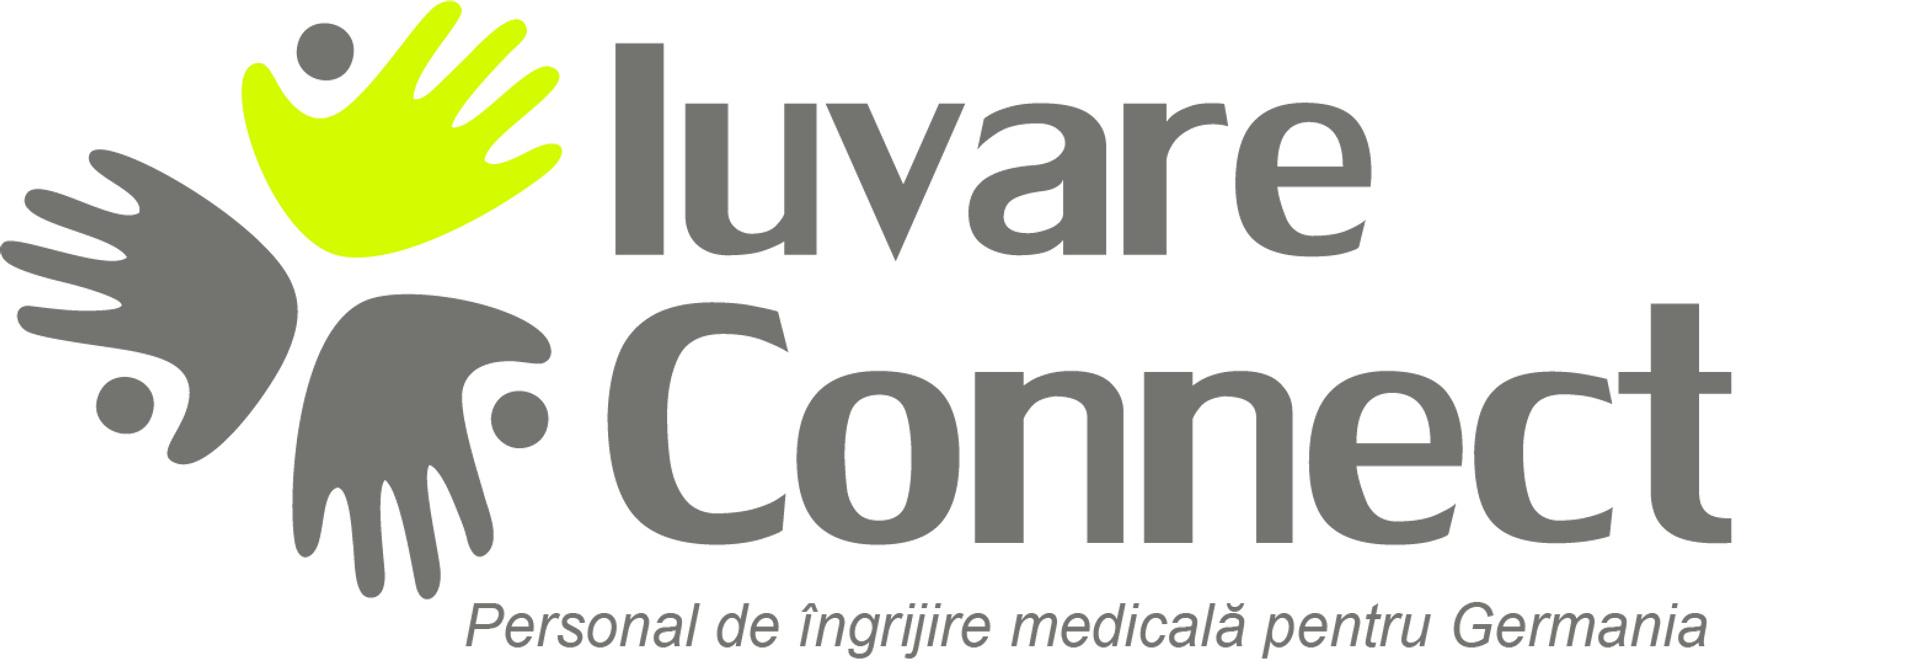 Logo Iuvare_rumänisch_Neuer Slogan